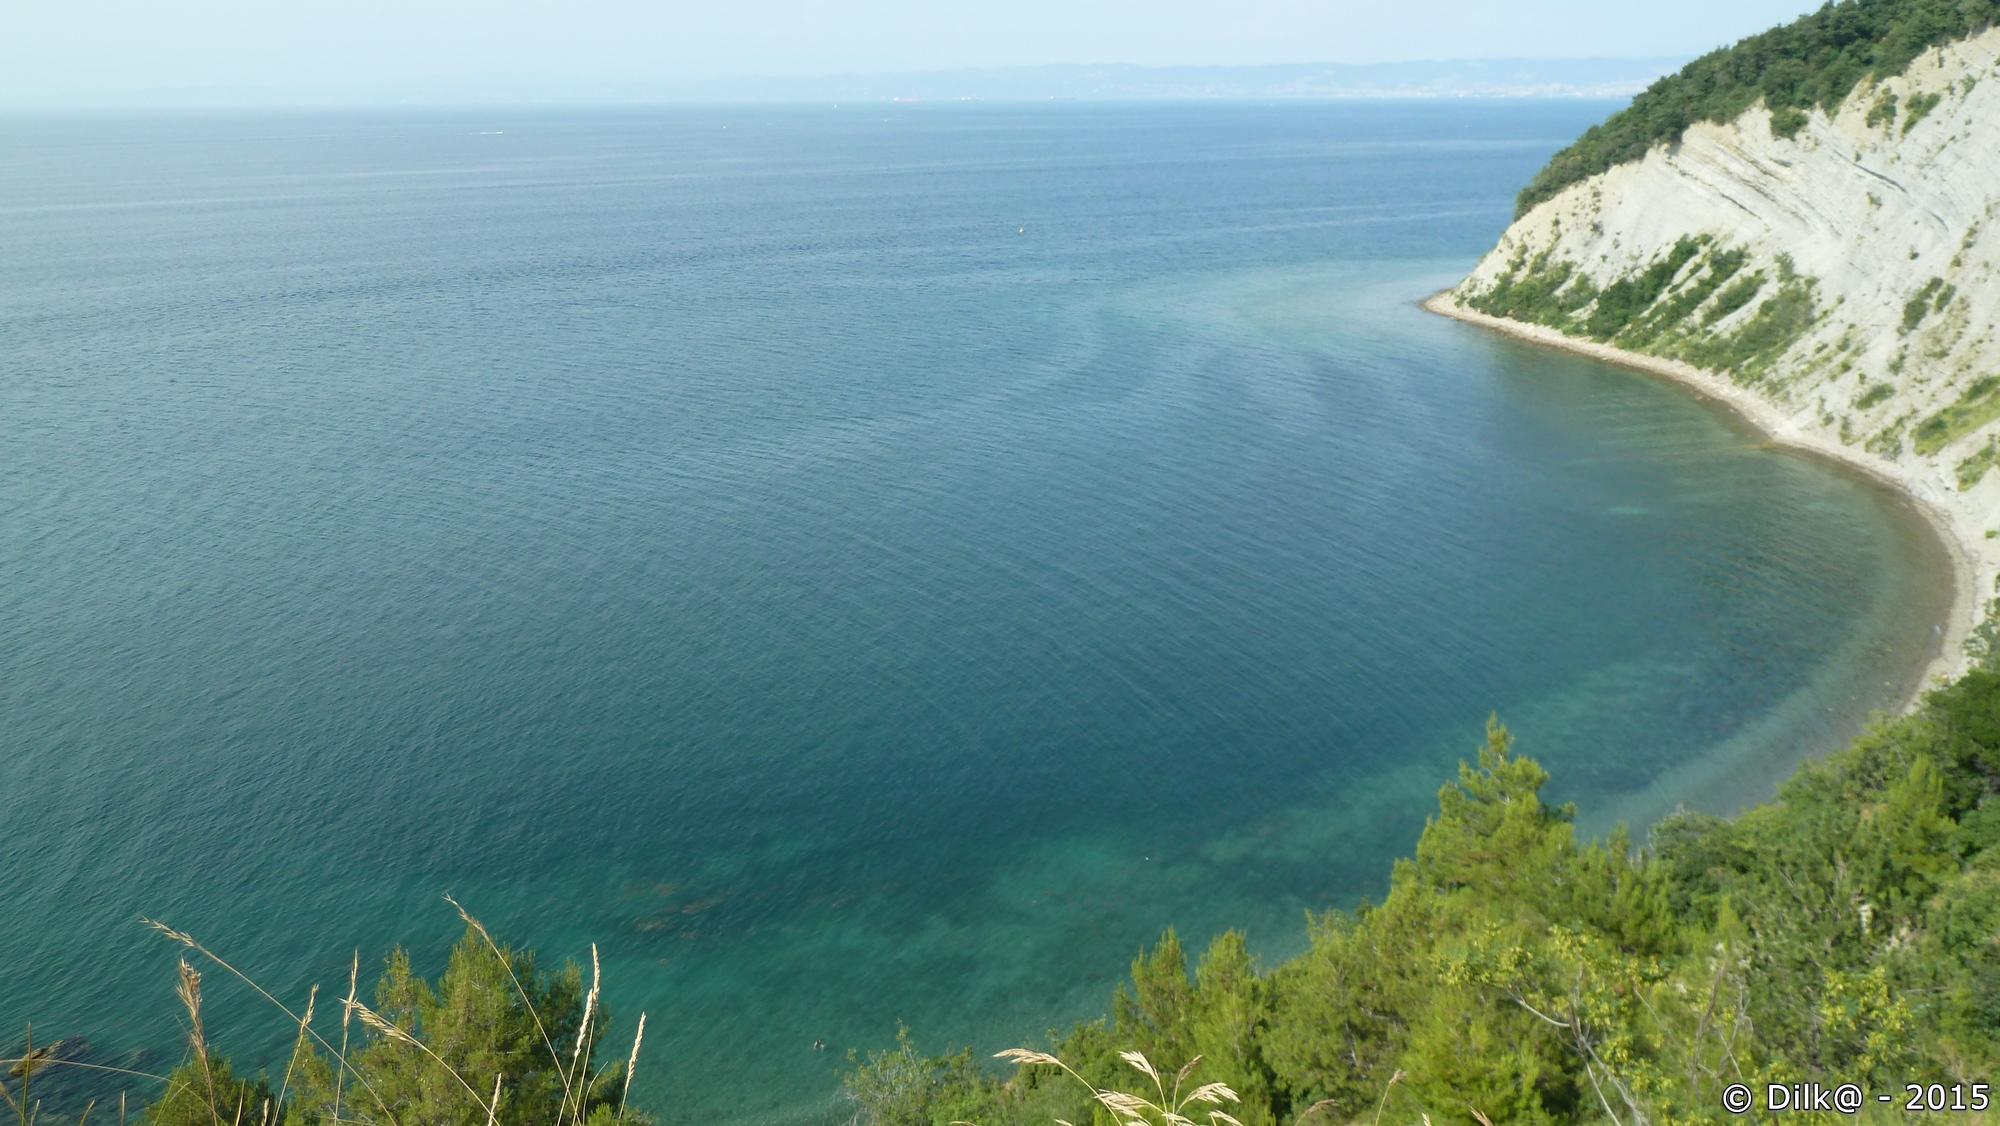 La côte de Strunjan et au loin, la côte italienne